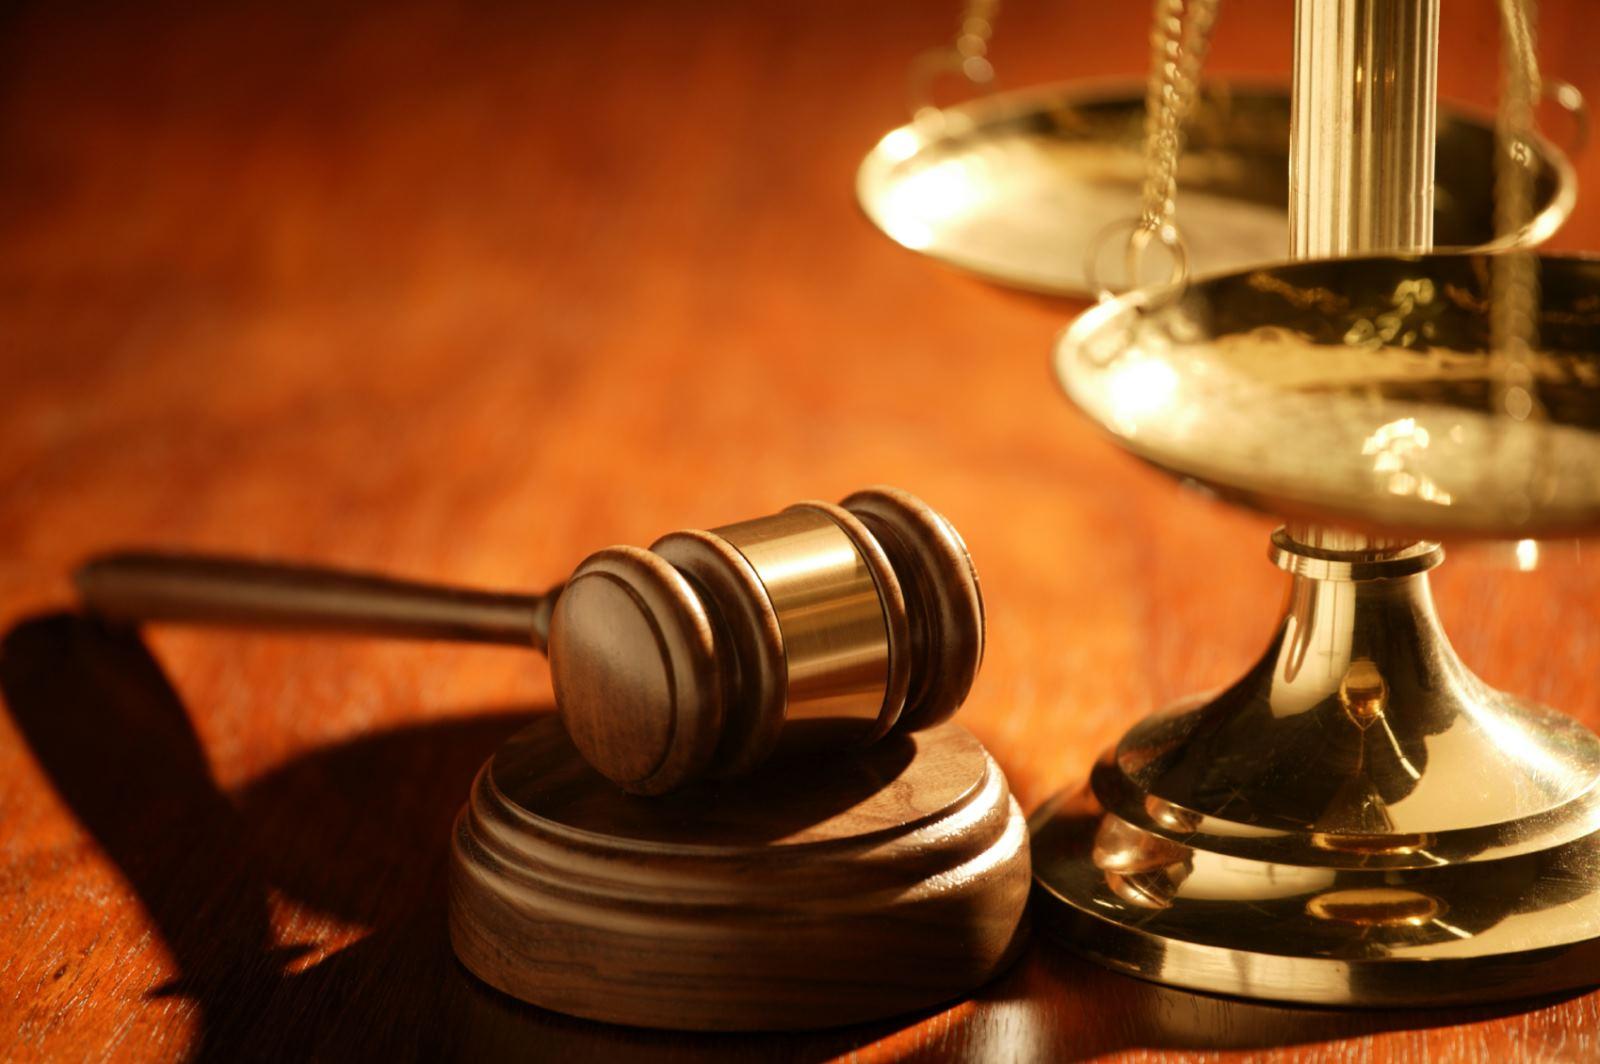 ВКГГА пояснили ситуацию с реализацией алкоголя ночью: запрет продолжает действовать